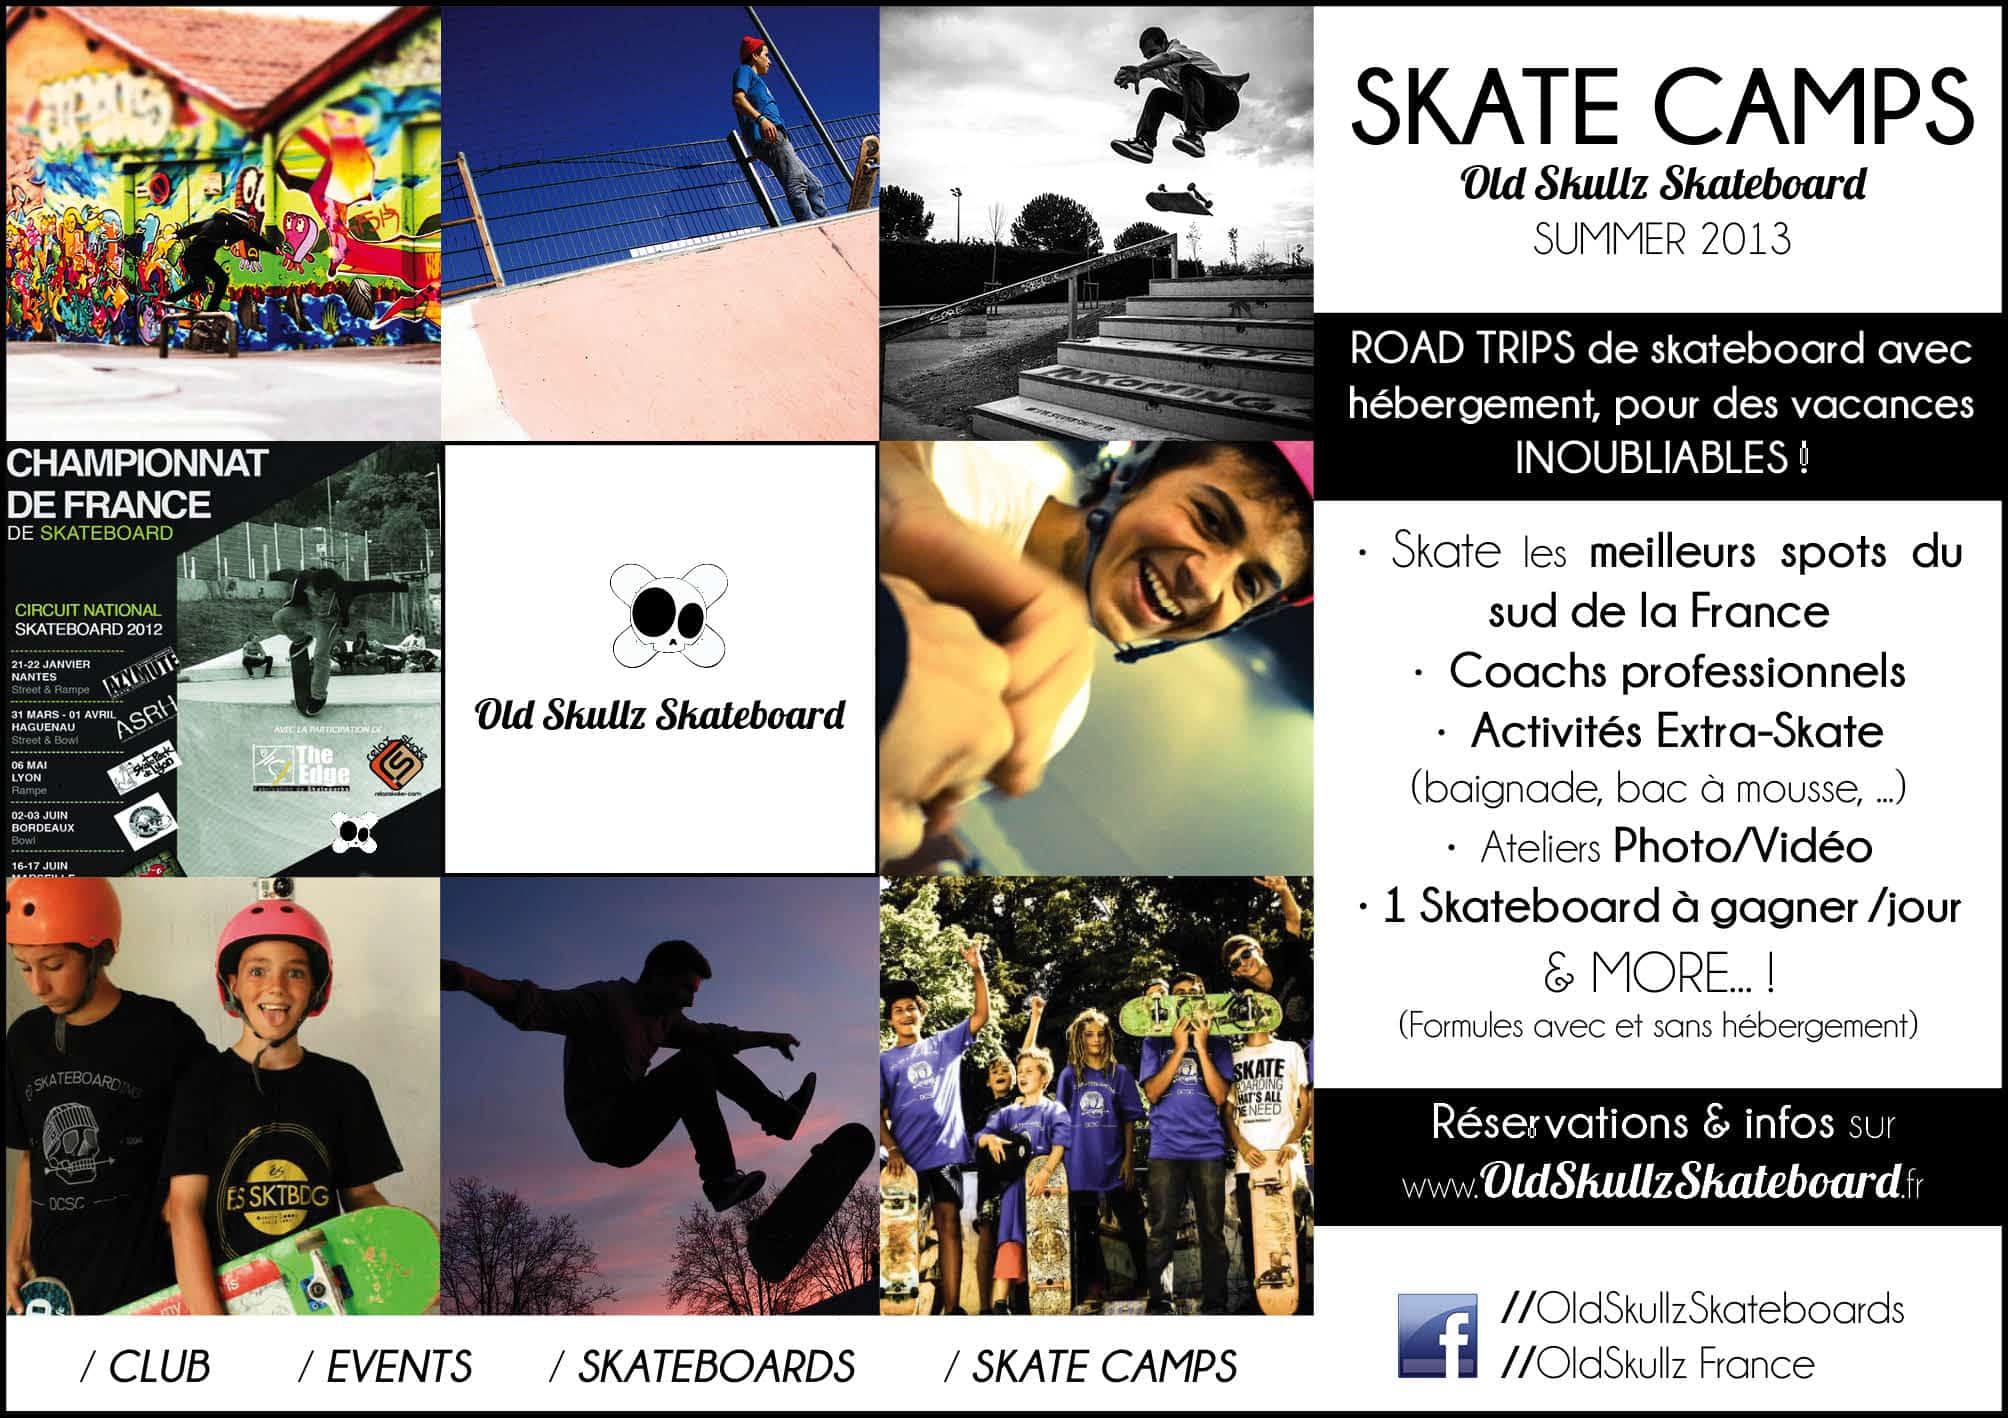 OS skate camps